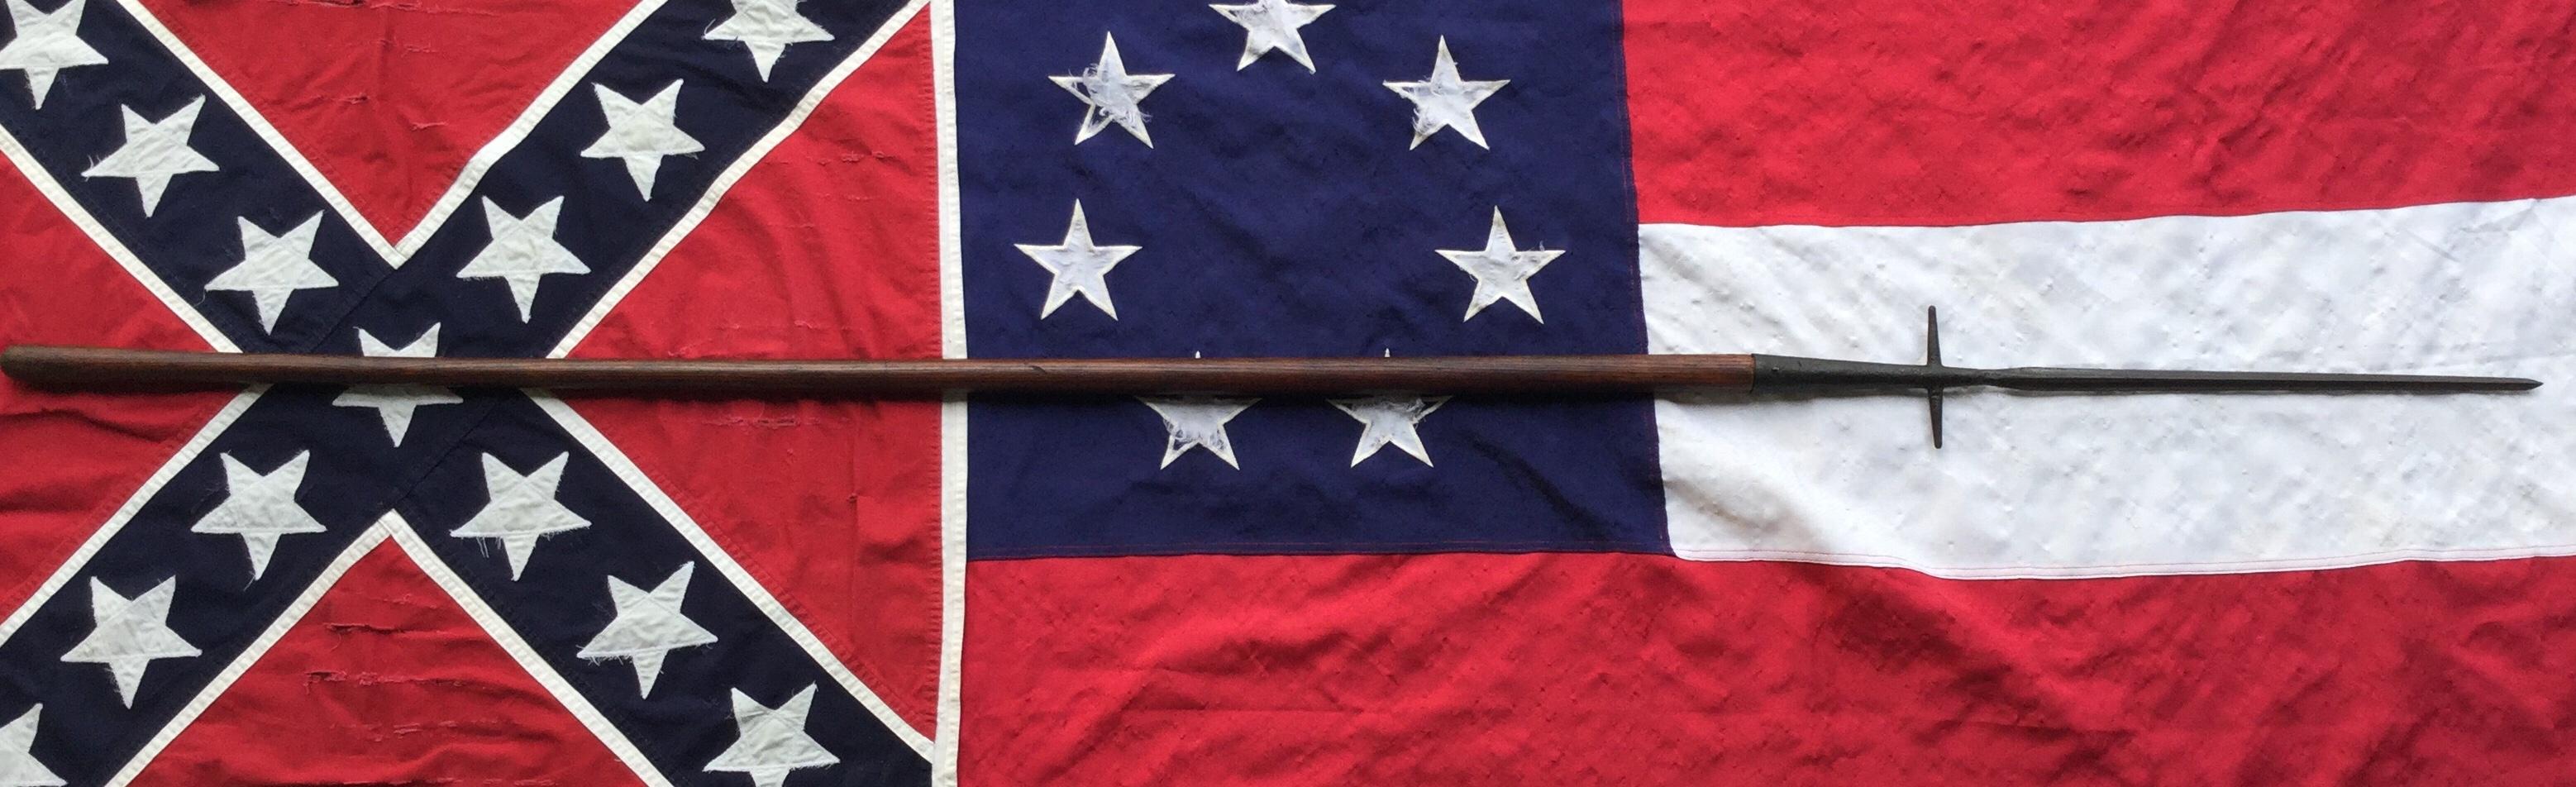 Southern Battle Pike